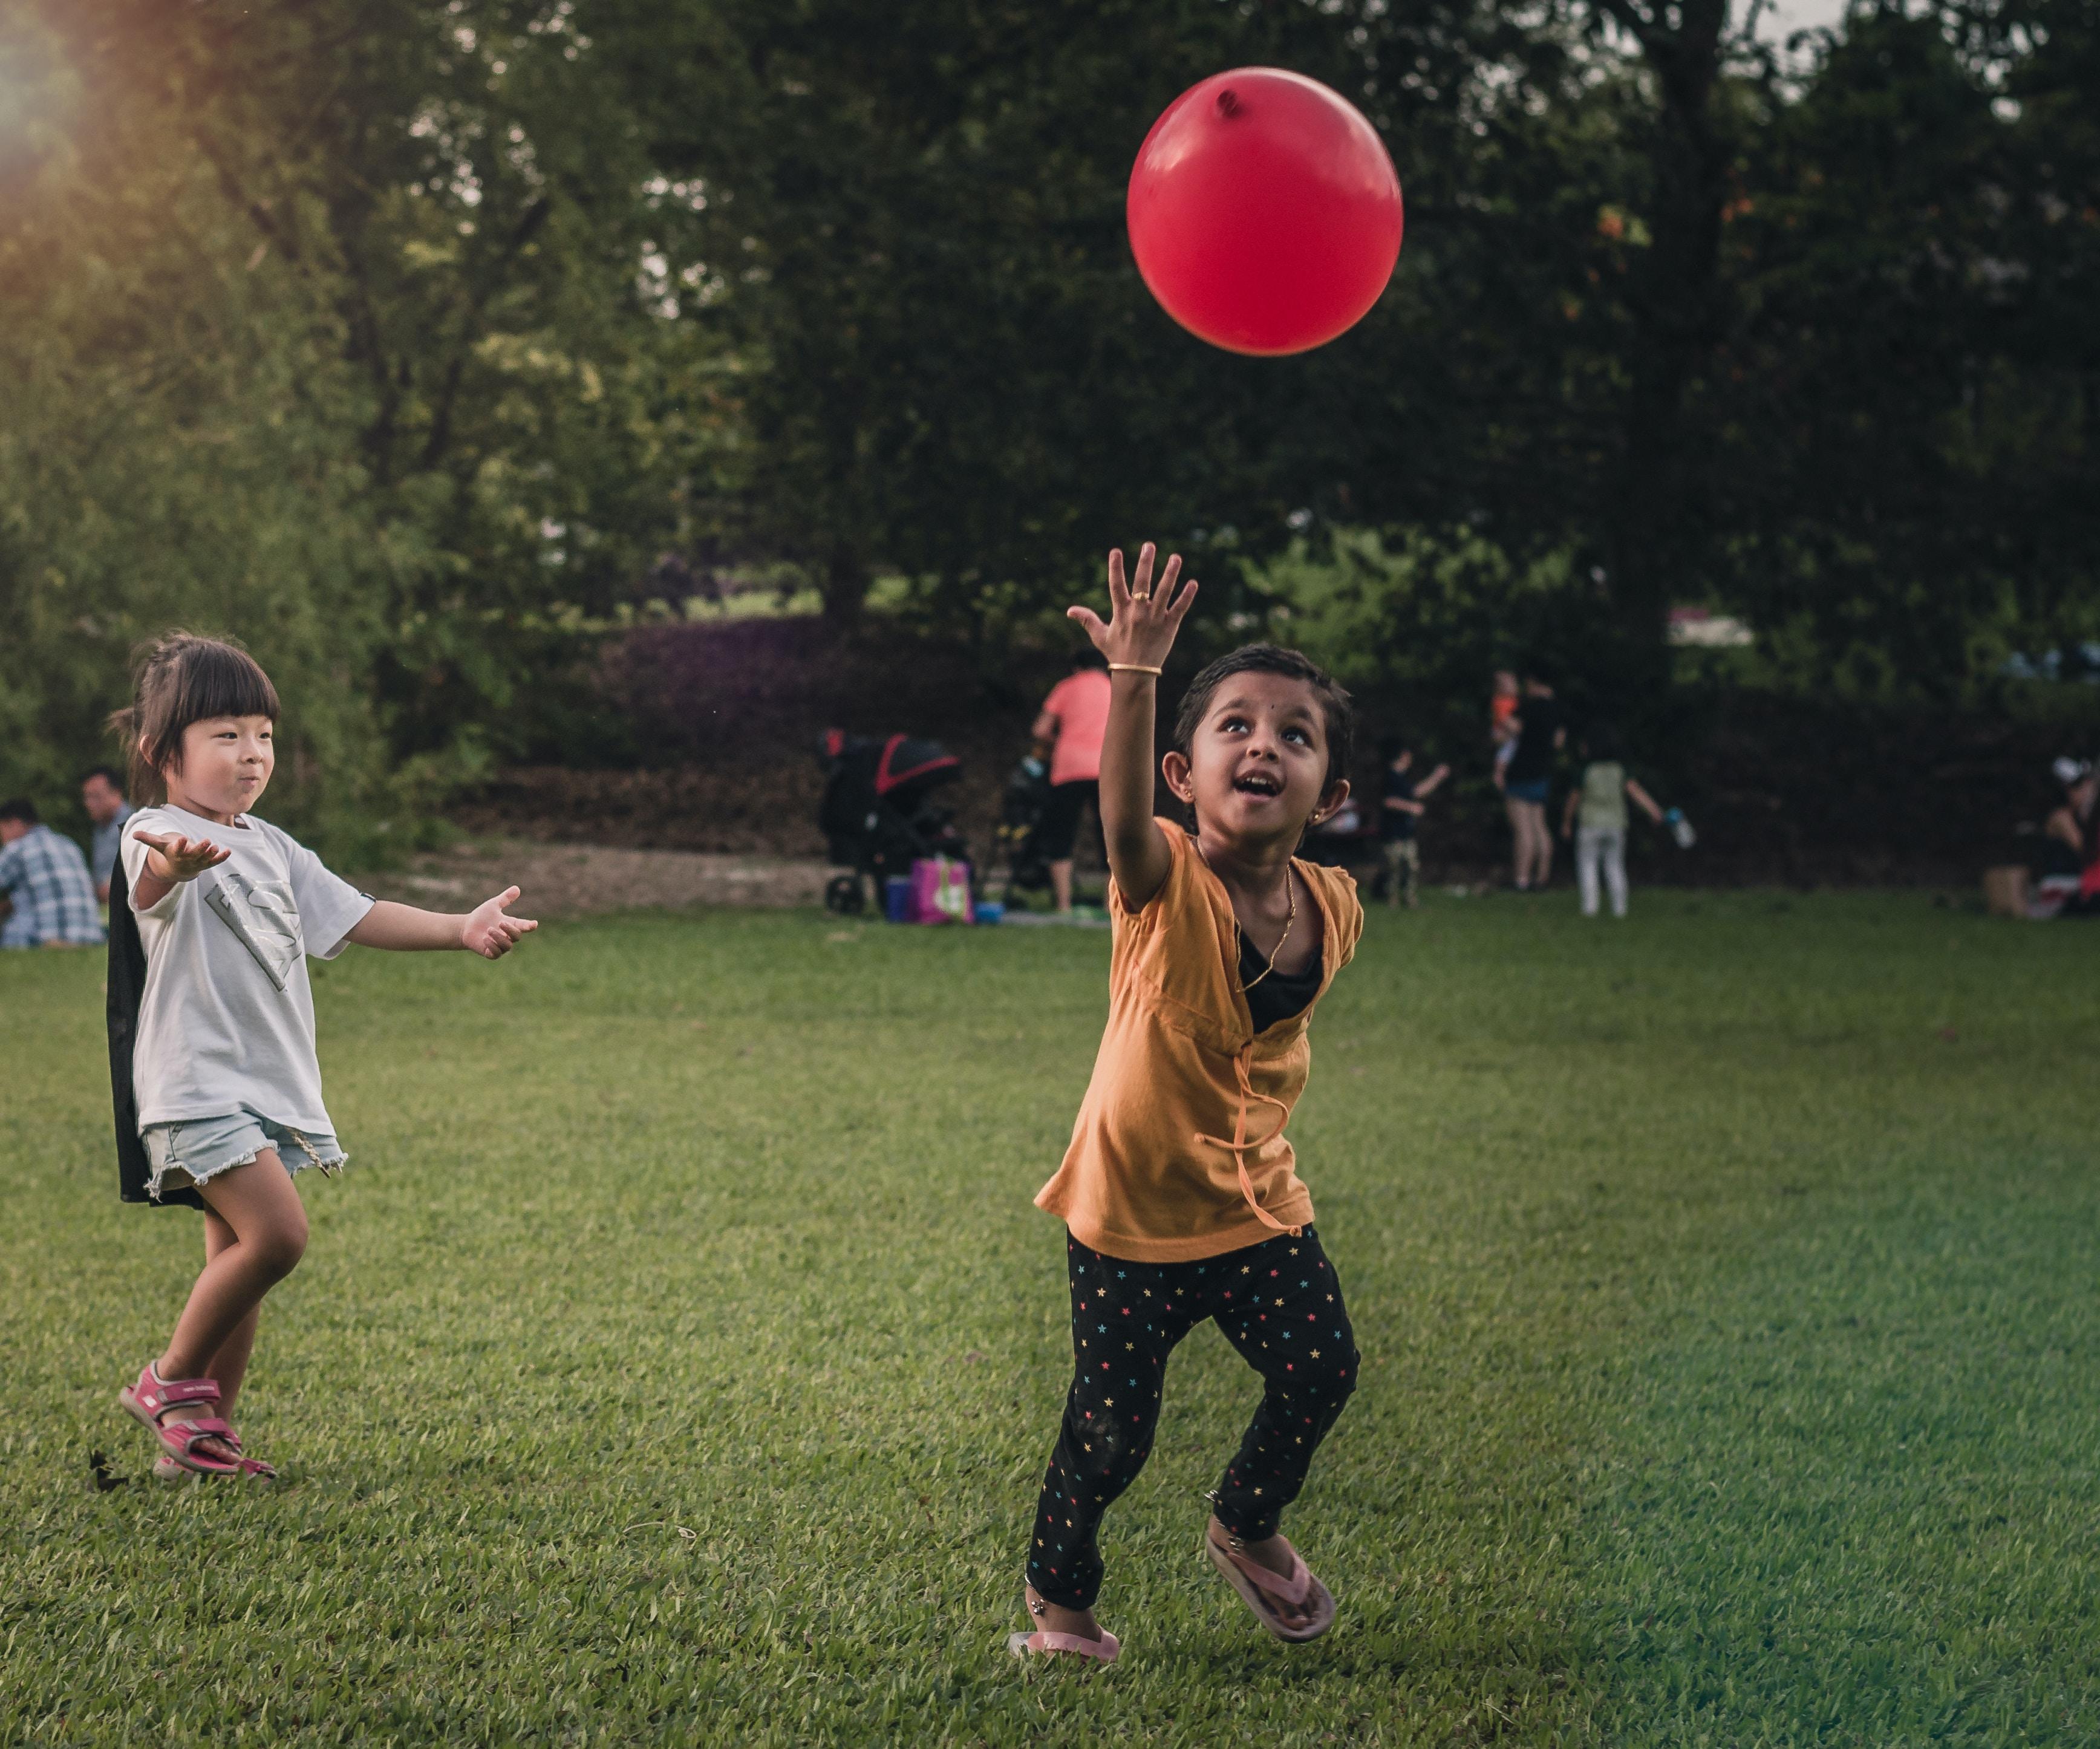 two girls playing balloon